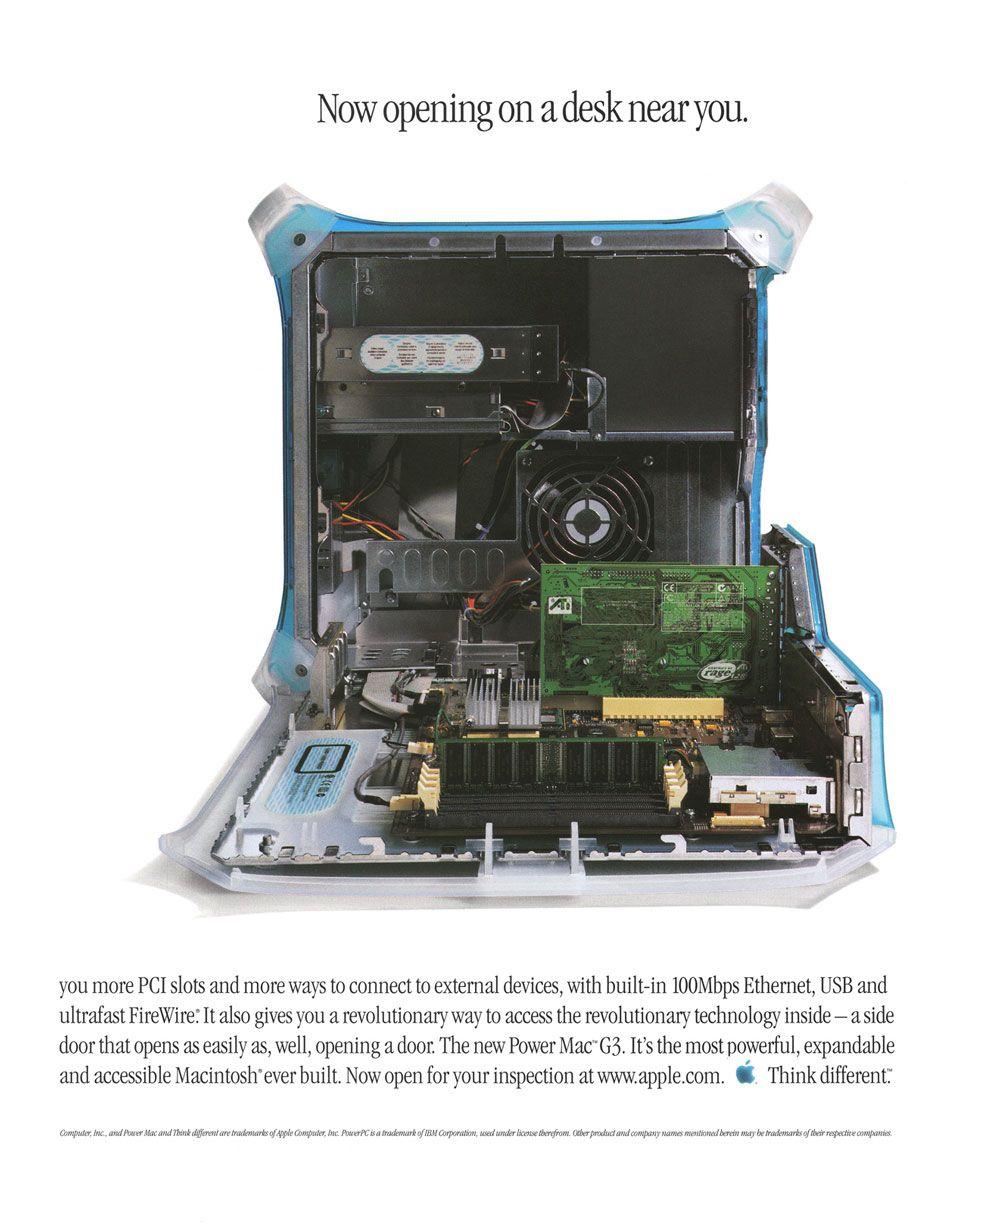 1999 Power Macintosh G3 Ad | Apple_Old Macs_iphone_ipad ...